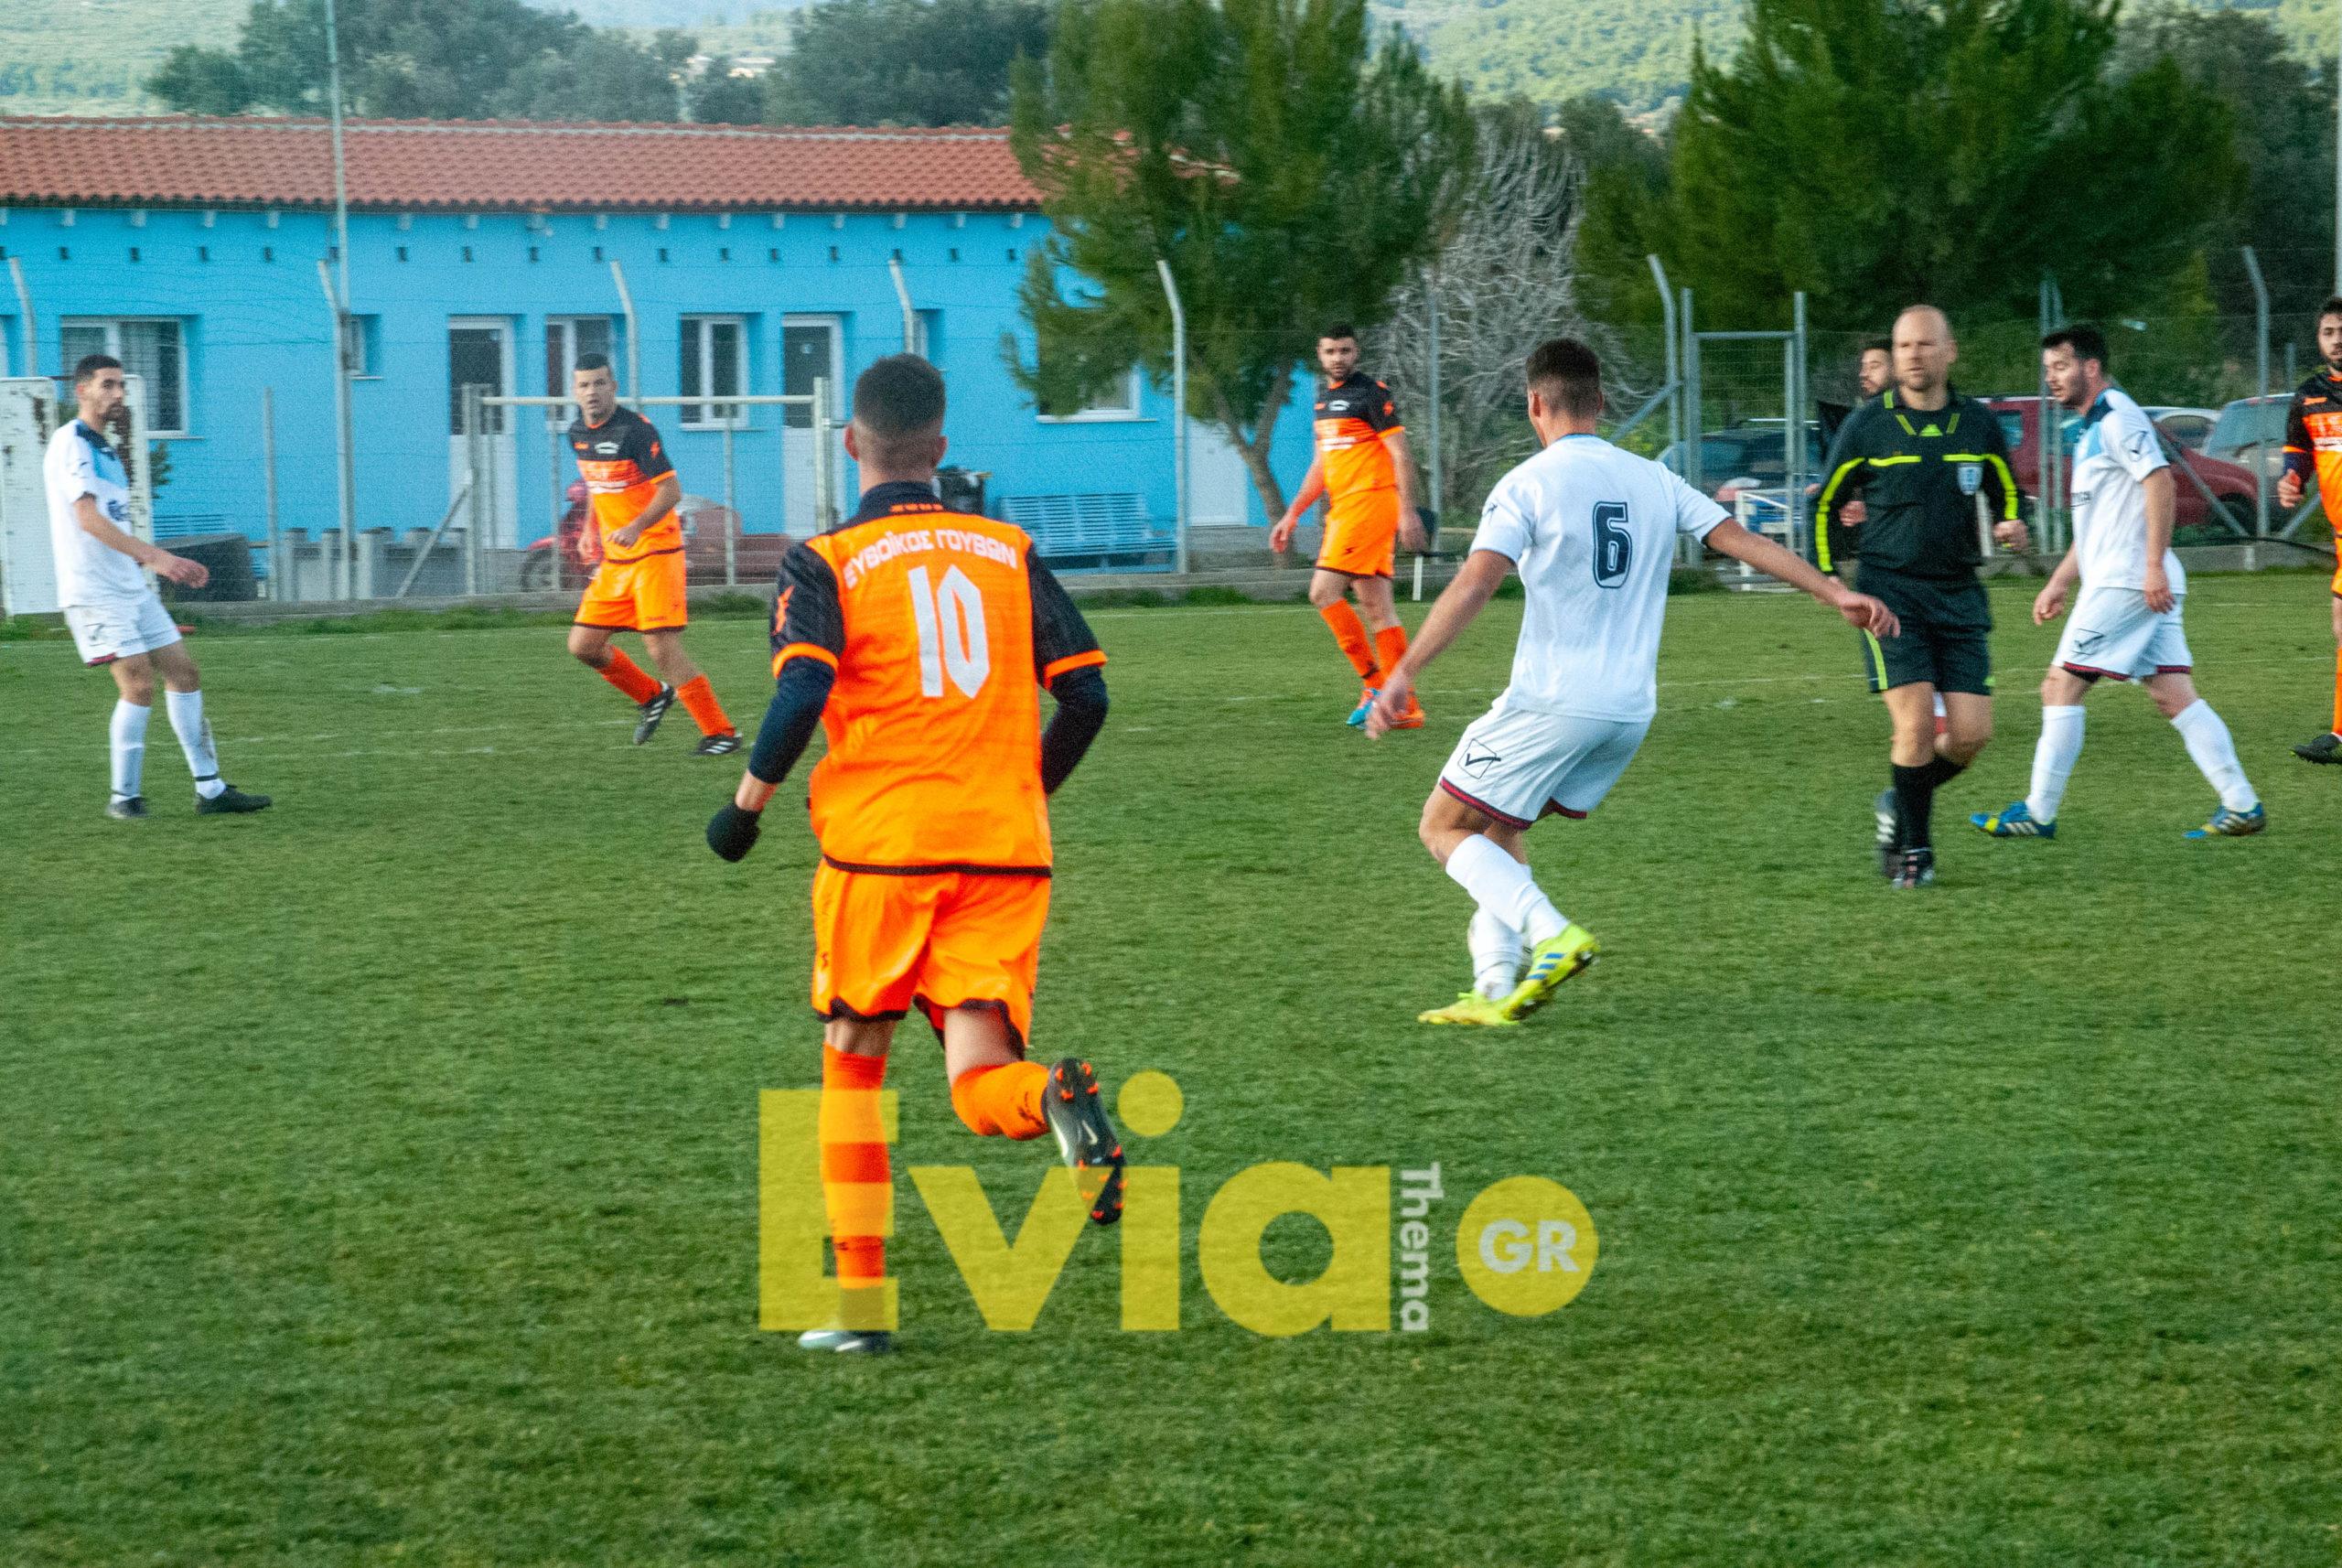 , Δείτε το πρόγραμμα των αγώνων 22-23 της ΕΠΣ Ευβοίας, Eviathema.gr | ΕΥΒΟΙΑ ΝΕΑ - Νέα και ειδήσεις από όλη την Εύβοια